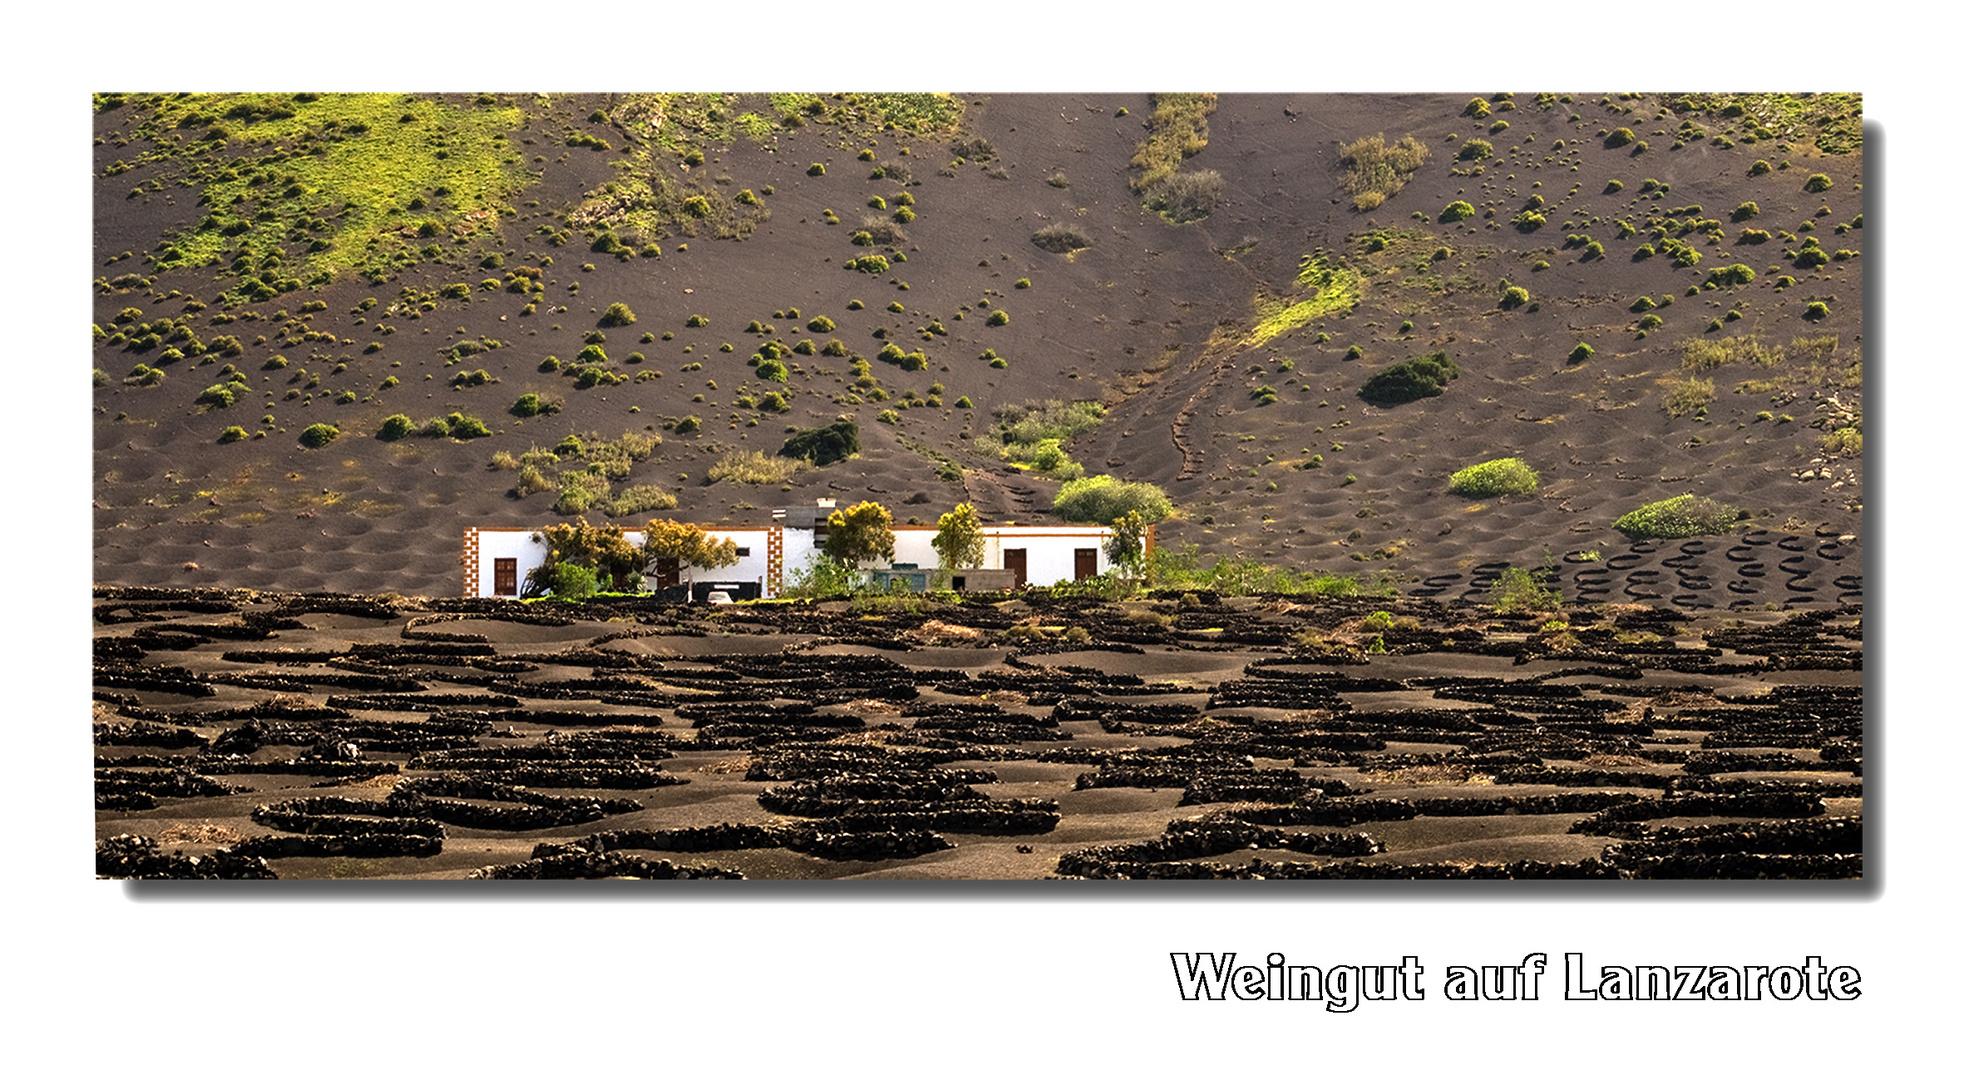 Weingut auf Lanzarote